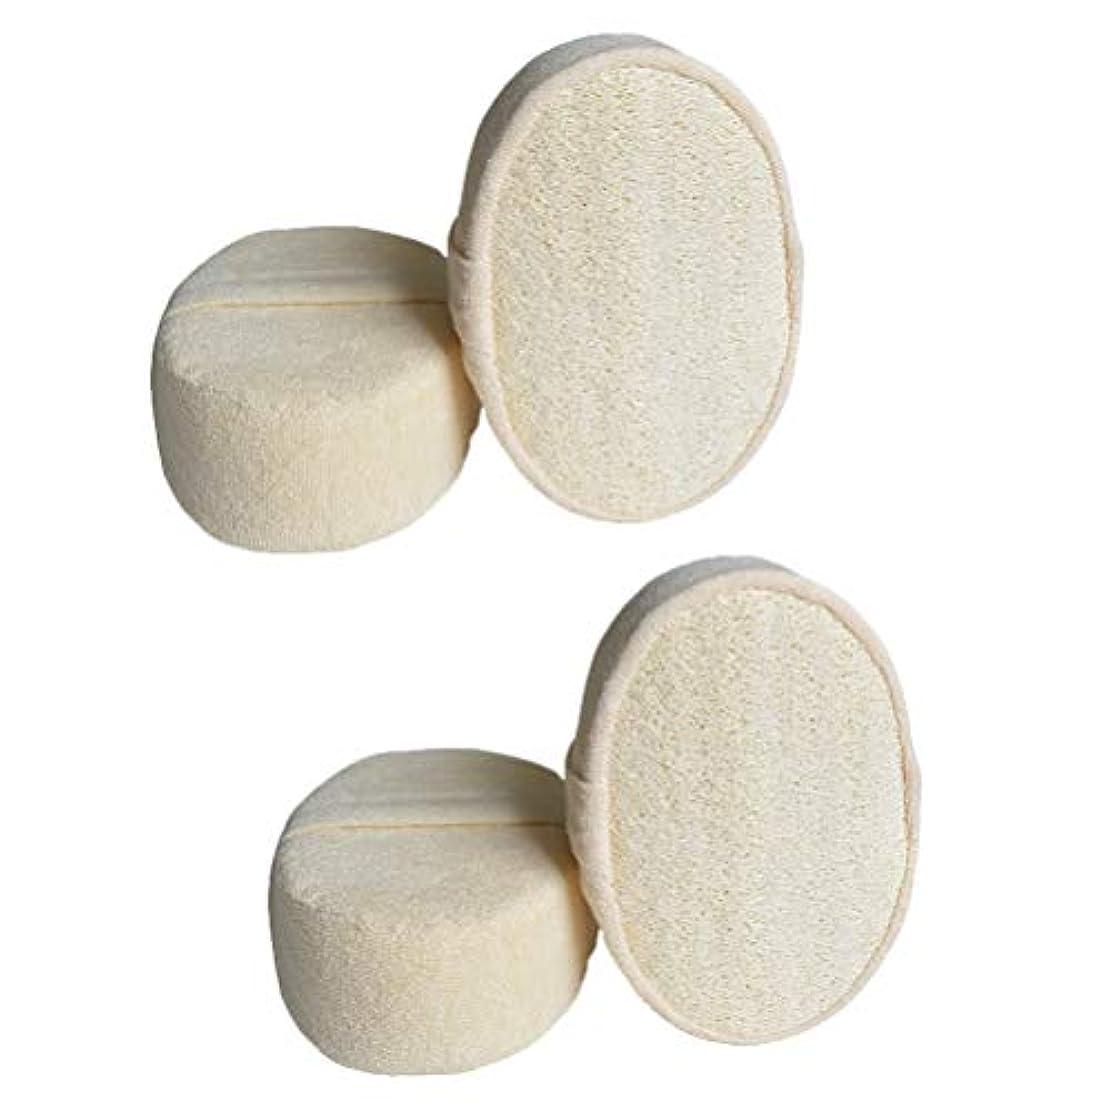 マーガレットミッチェル扱う農業のHealifty 4ピース剥離剥離剤パッドloofaスポンジスクラバーブラシ用風呂スパシャワー